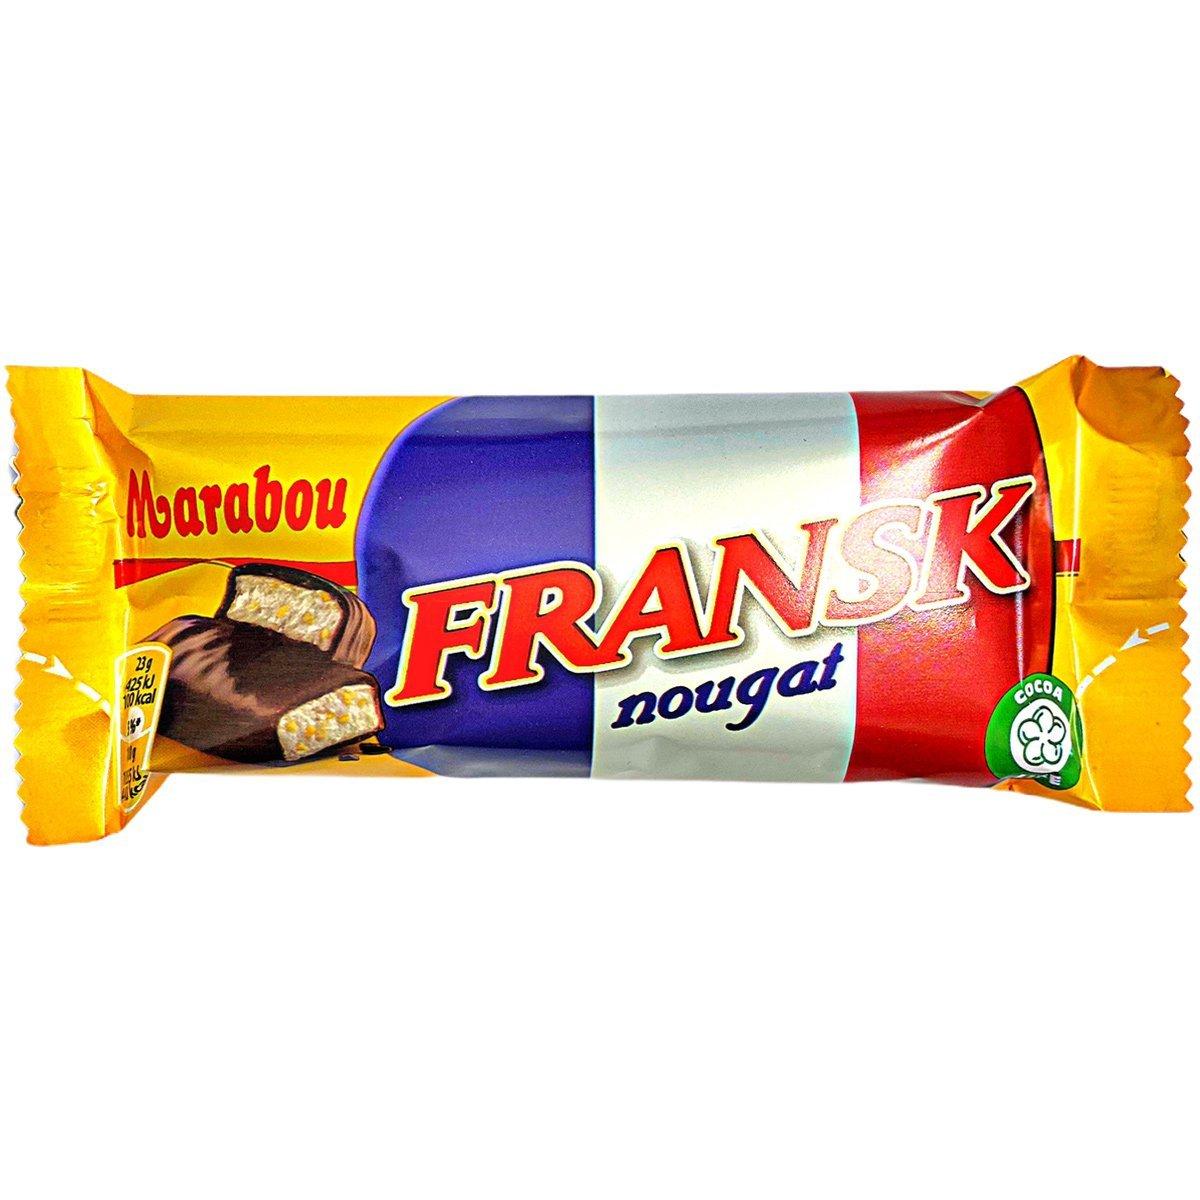 MARABOU Fransk Nougat - Französisch Nougat (46g) 1